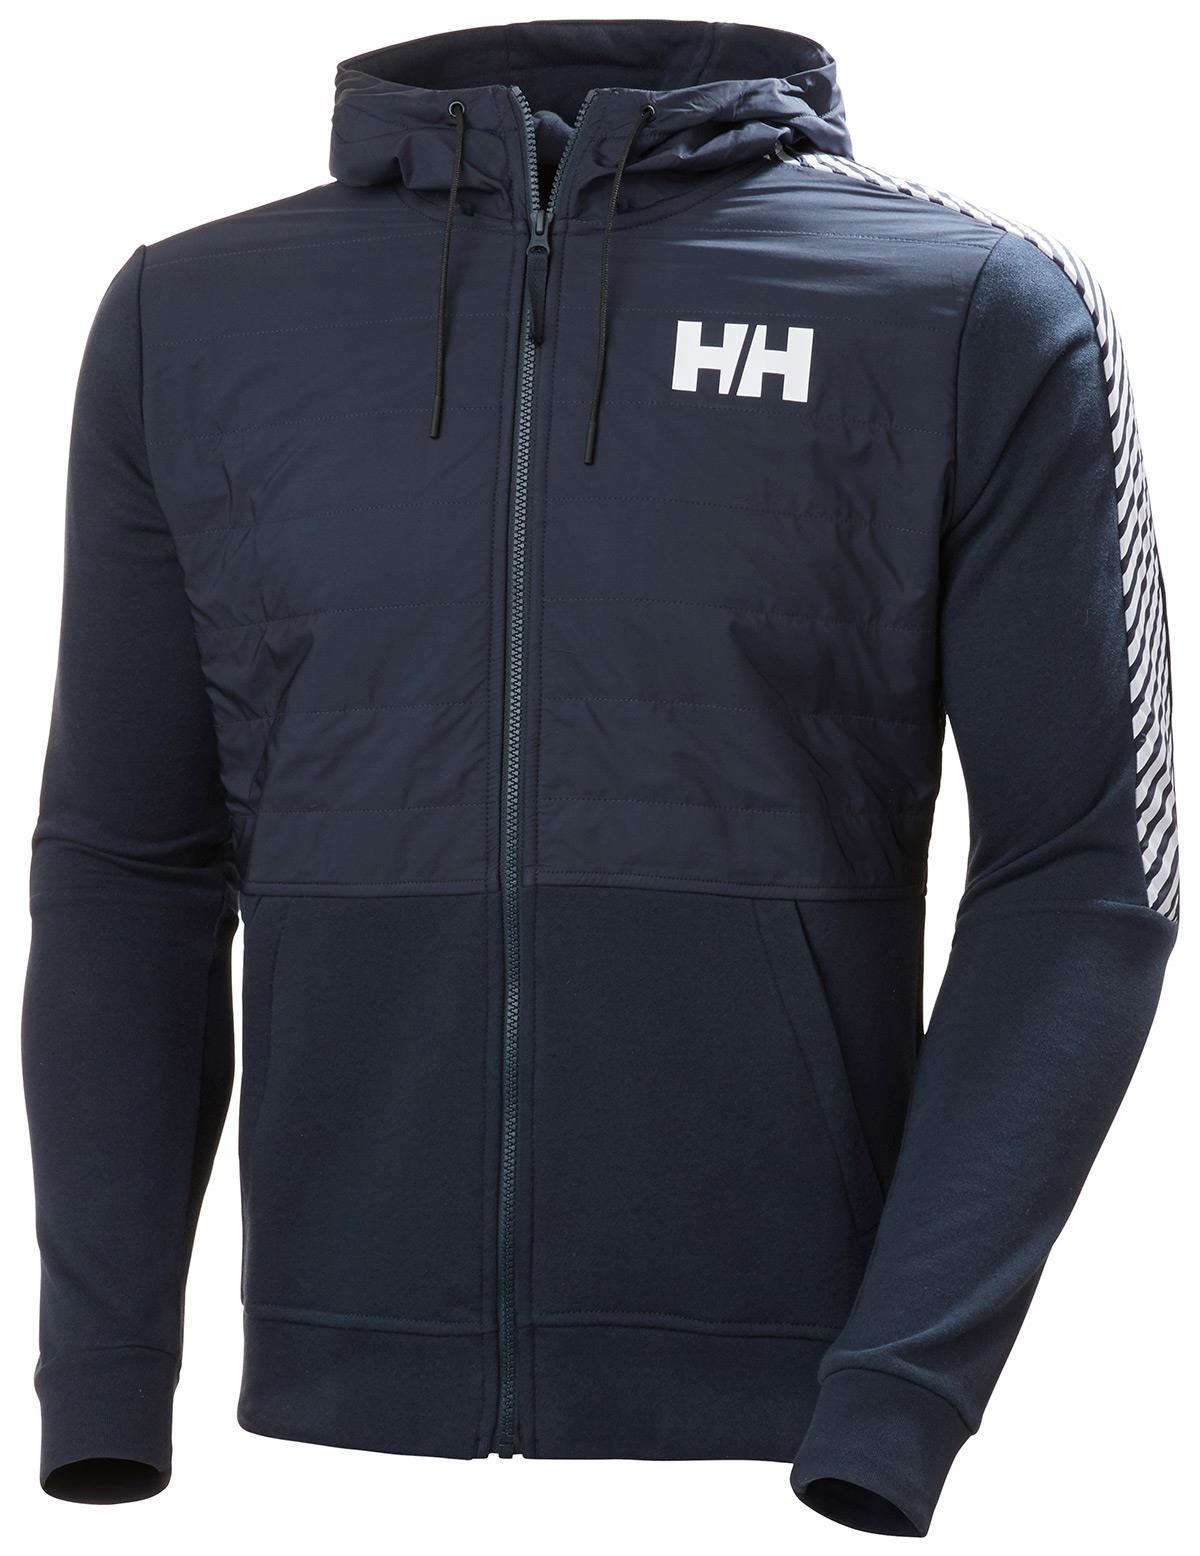 Helly Hansen HH STRIPE HYBRID JACKET